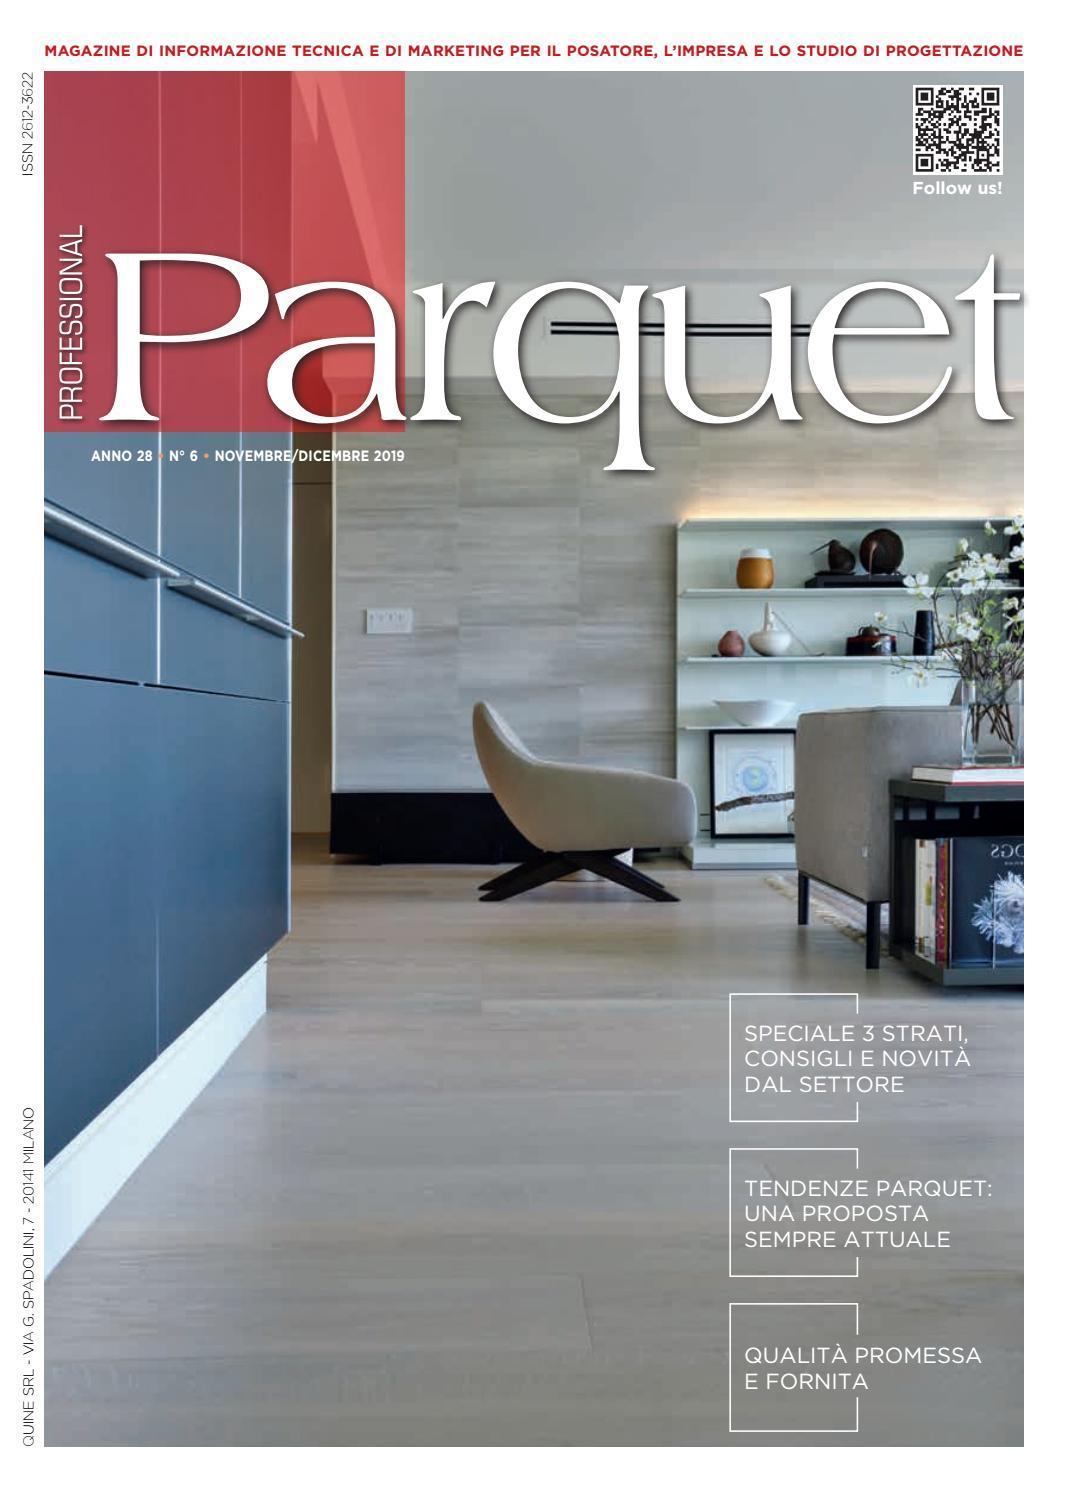 Come Si Ripara Il Parquet professional parquet n° 6 – novembre/dicembre 2019 by quine